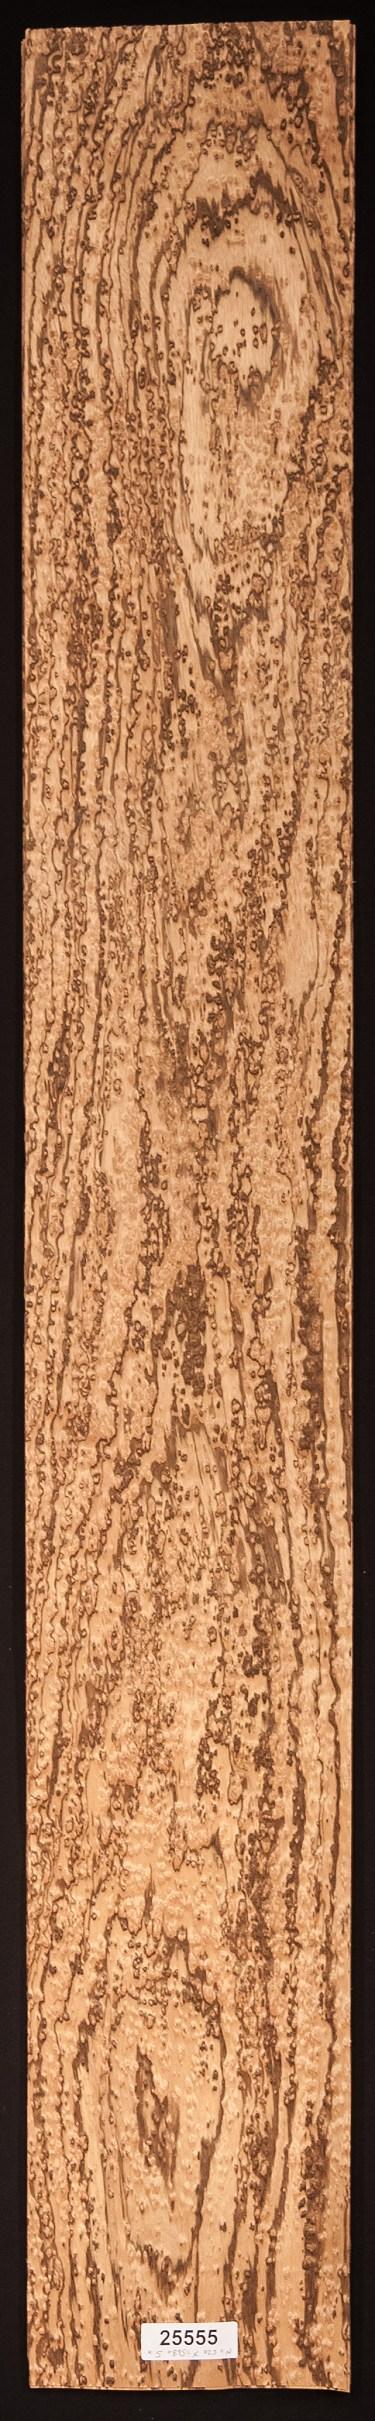 AAA Birds Eye Zebrawood Veneer Sheet